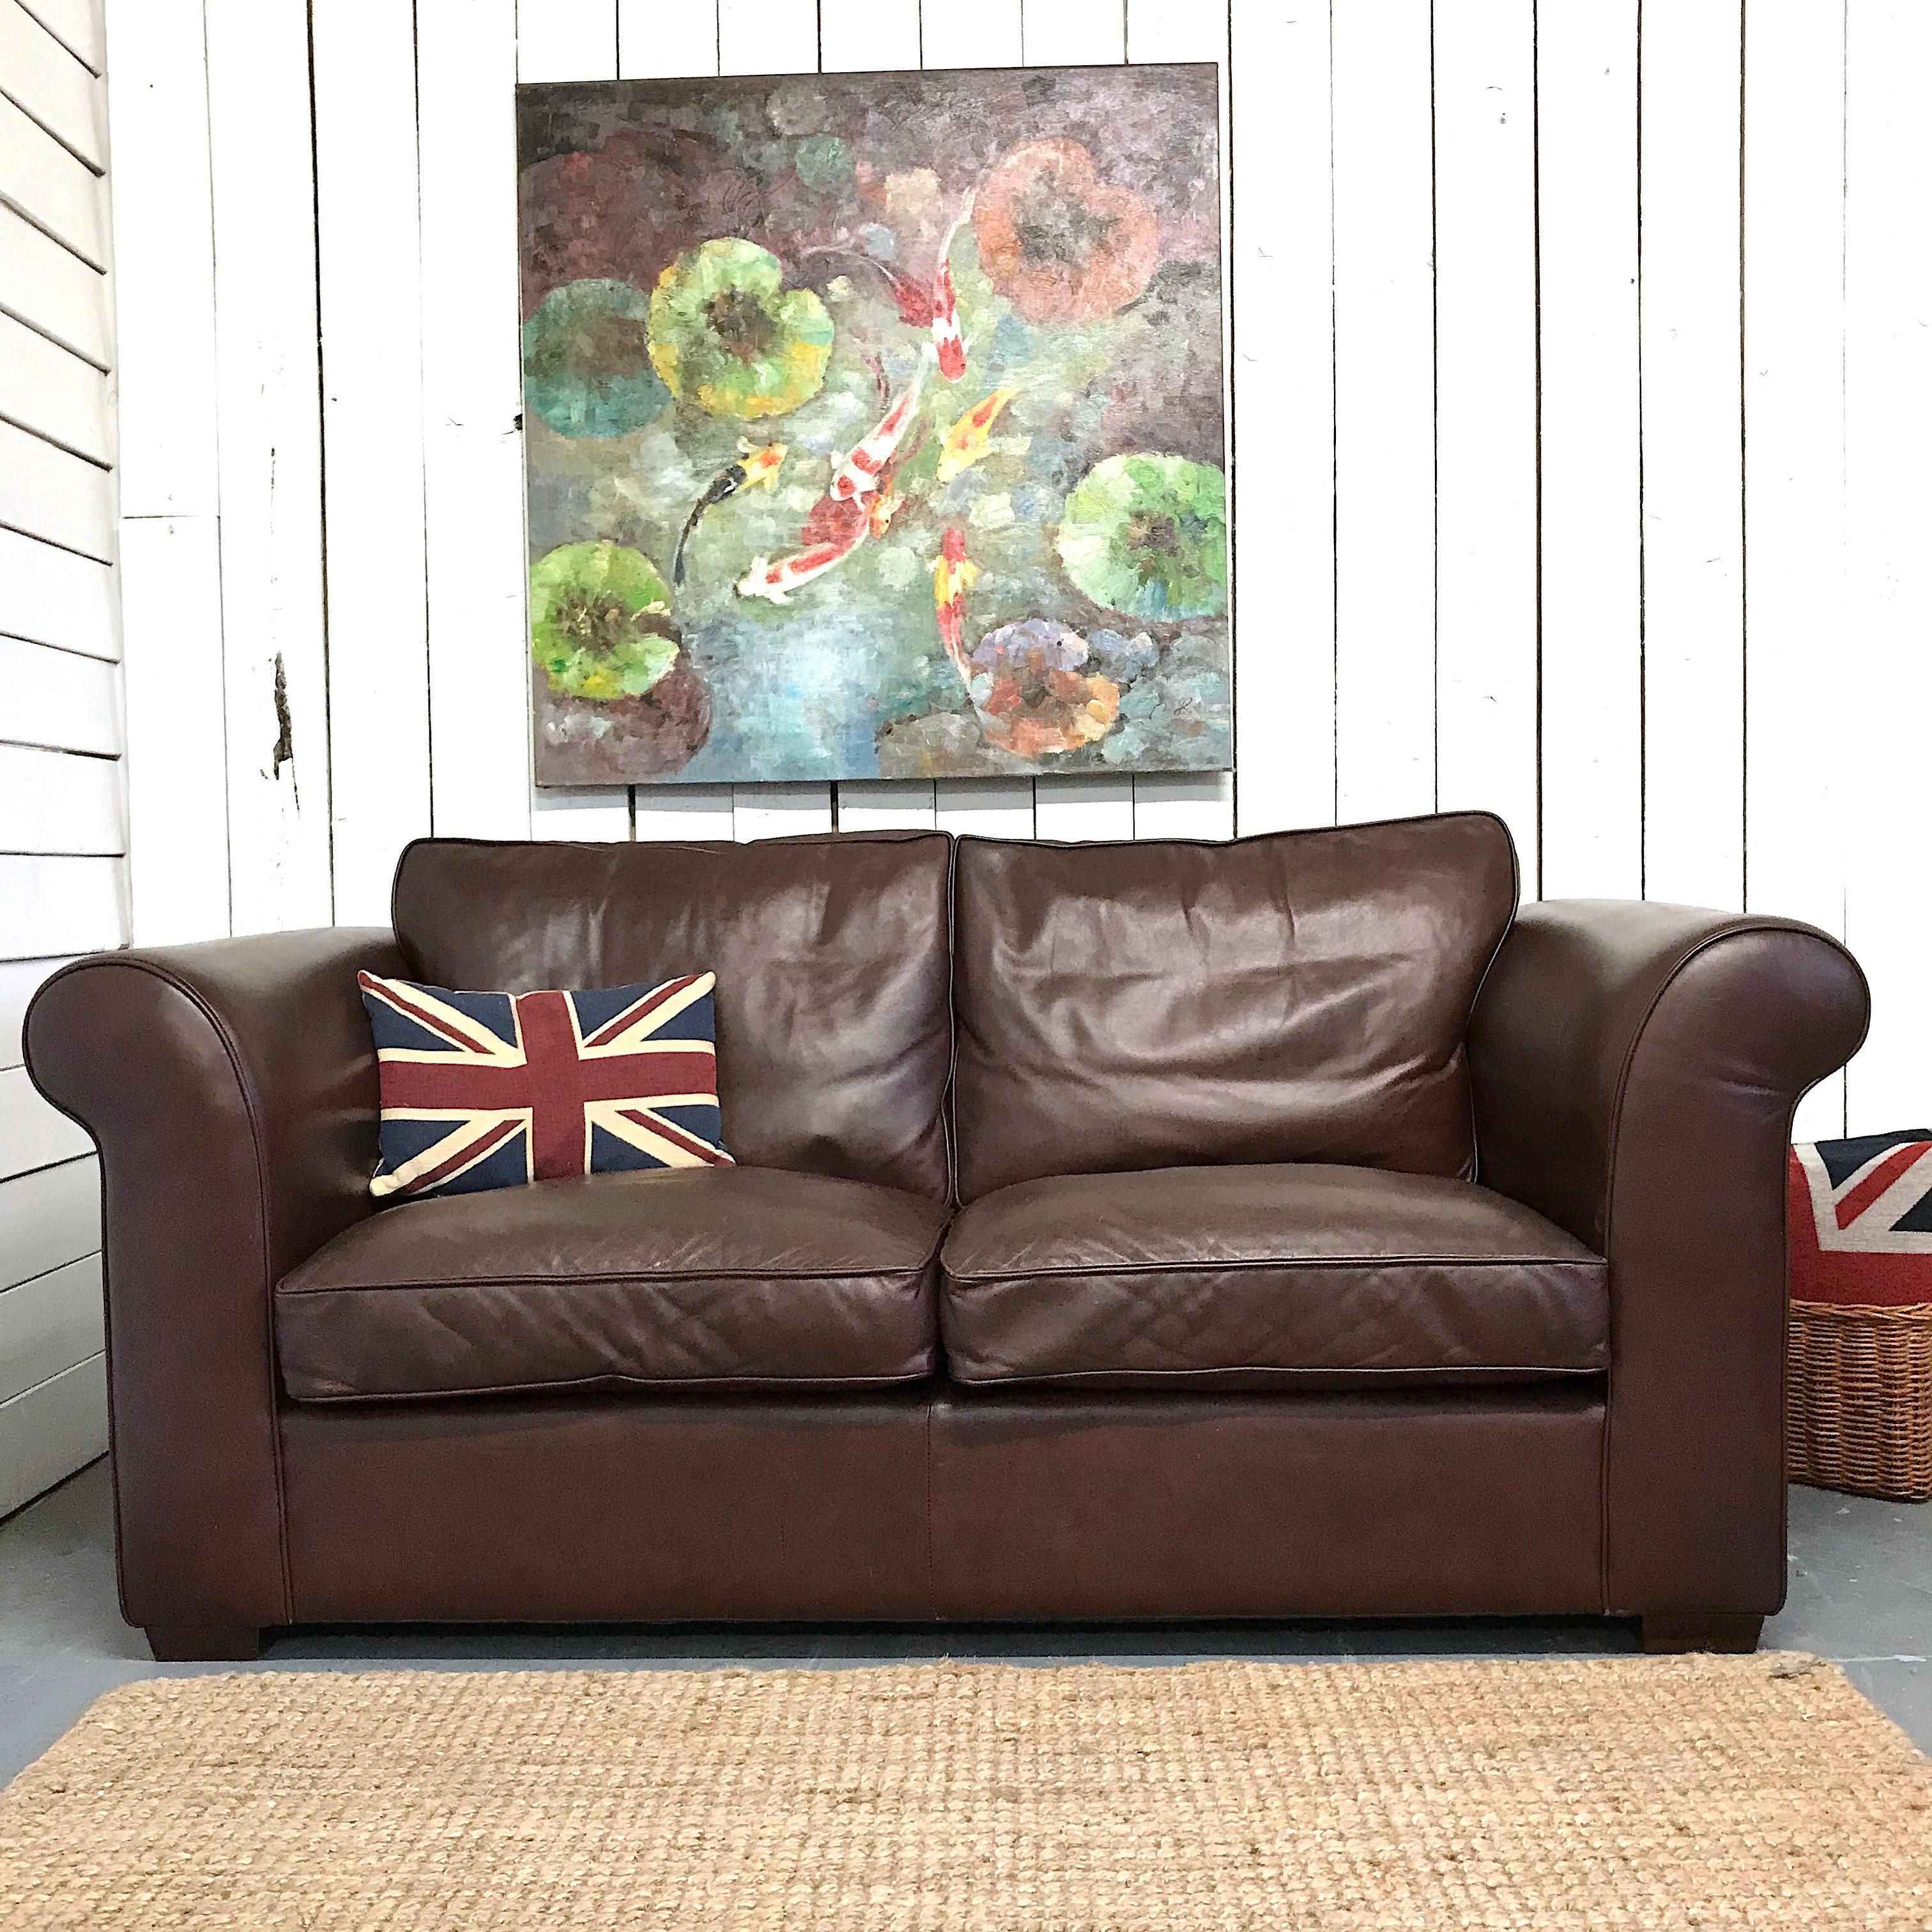 Laura Ashley Leather Sofa | englishemporium